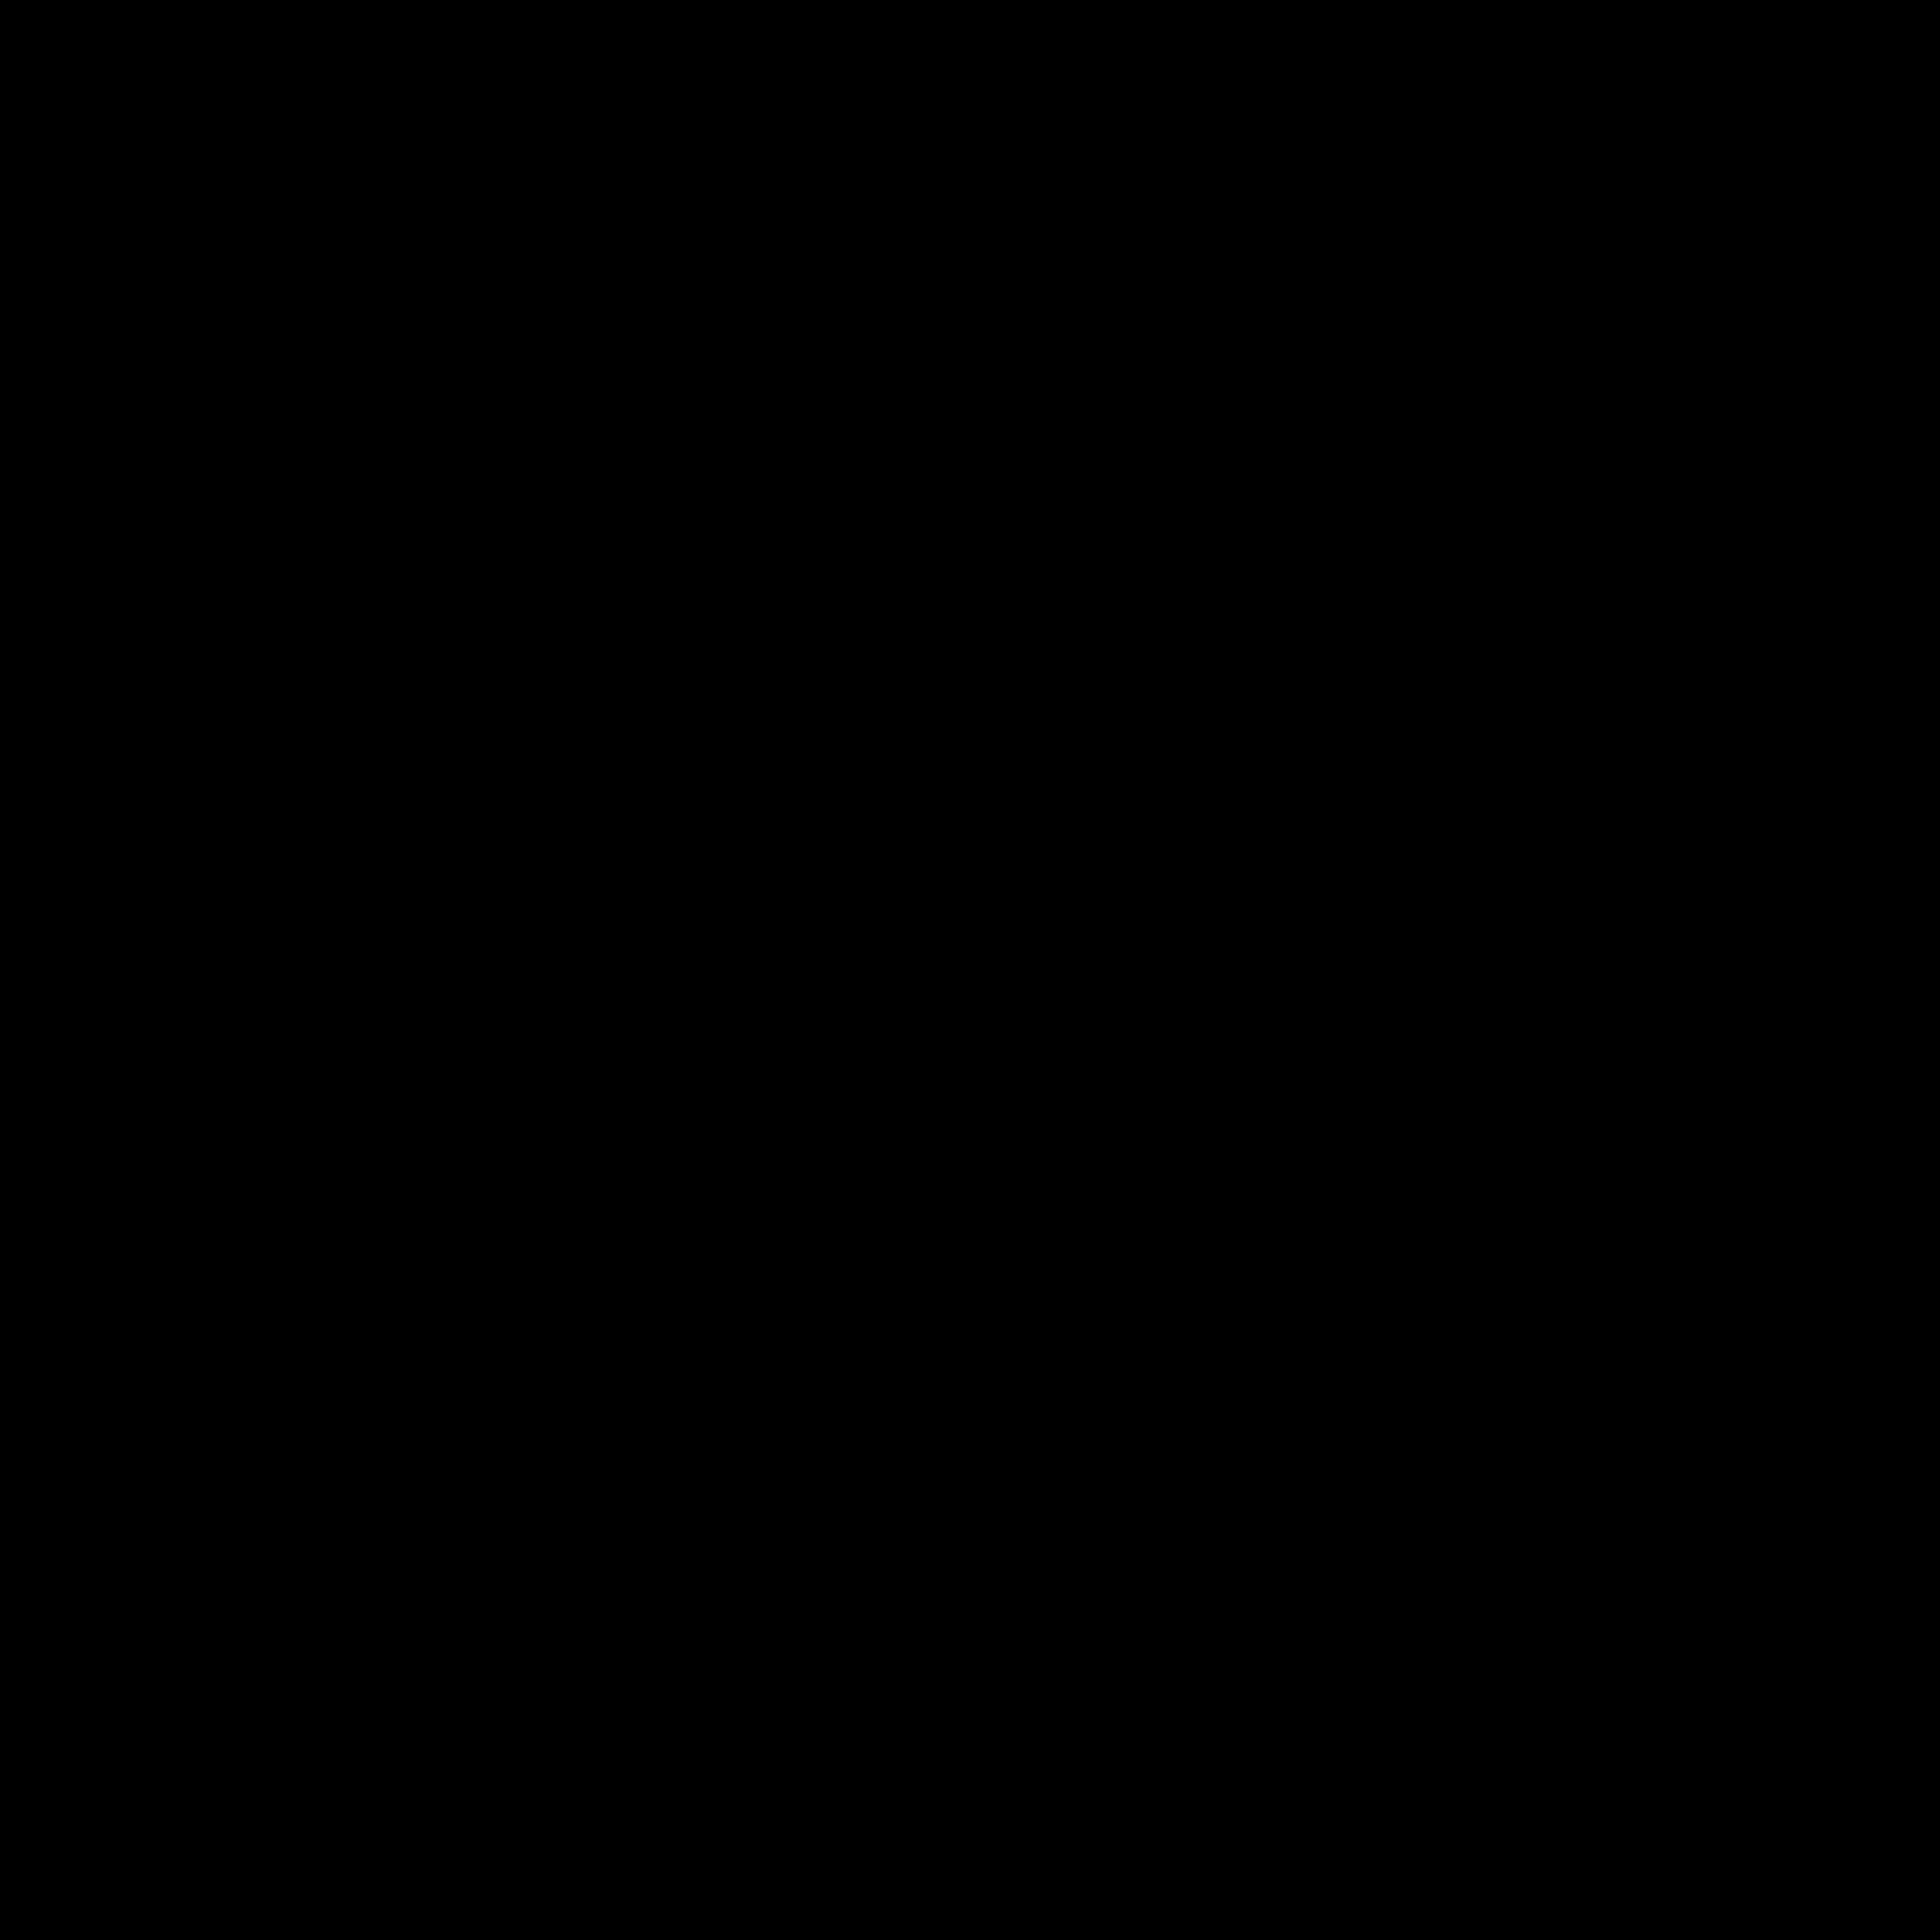 Vibration chromatique 2 - Acrylique sur toile 80X80 cm